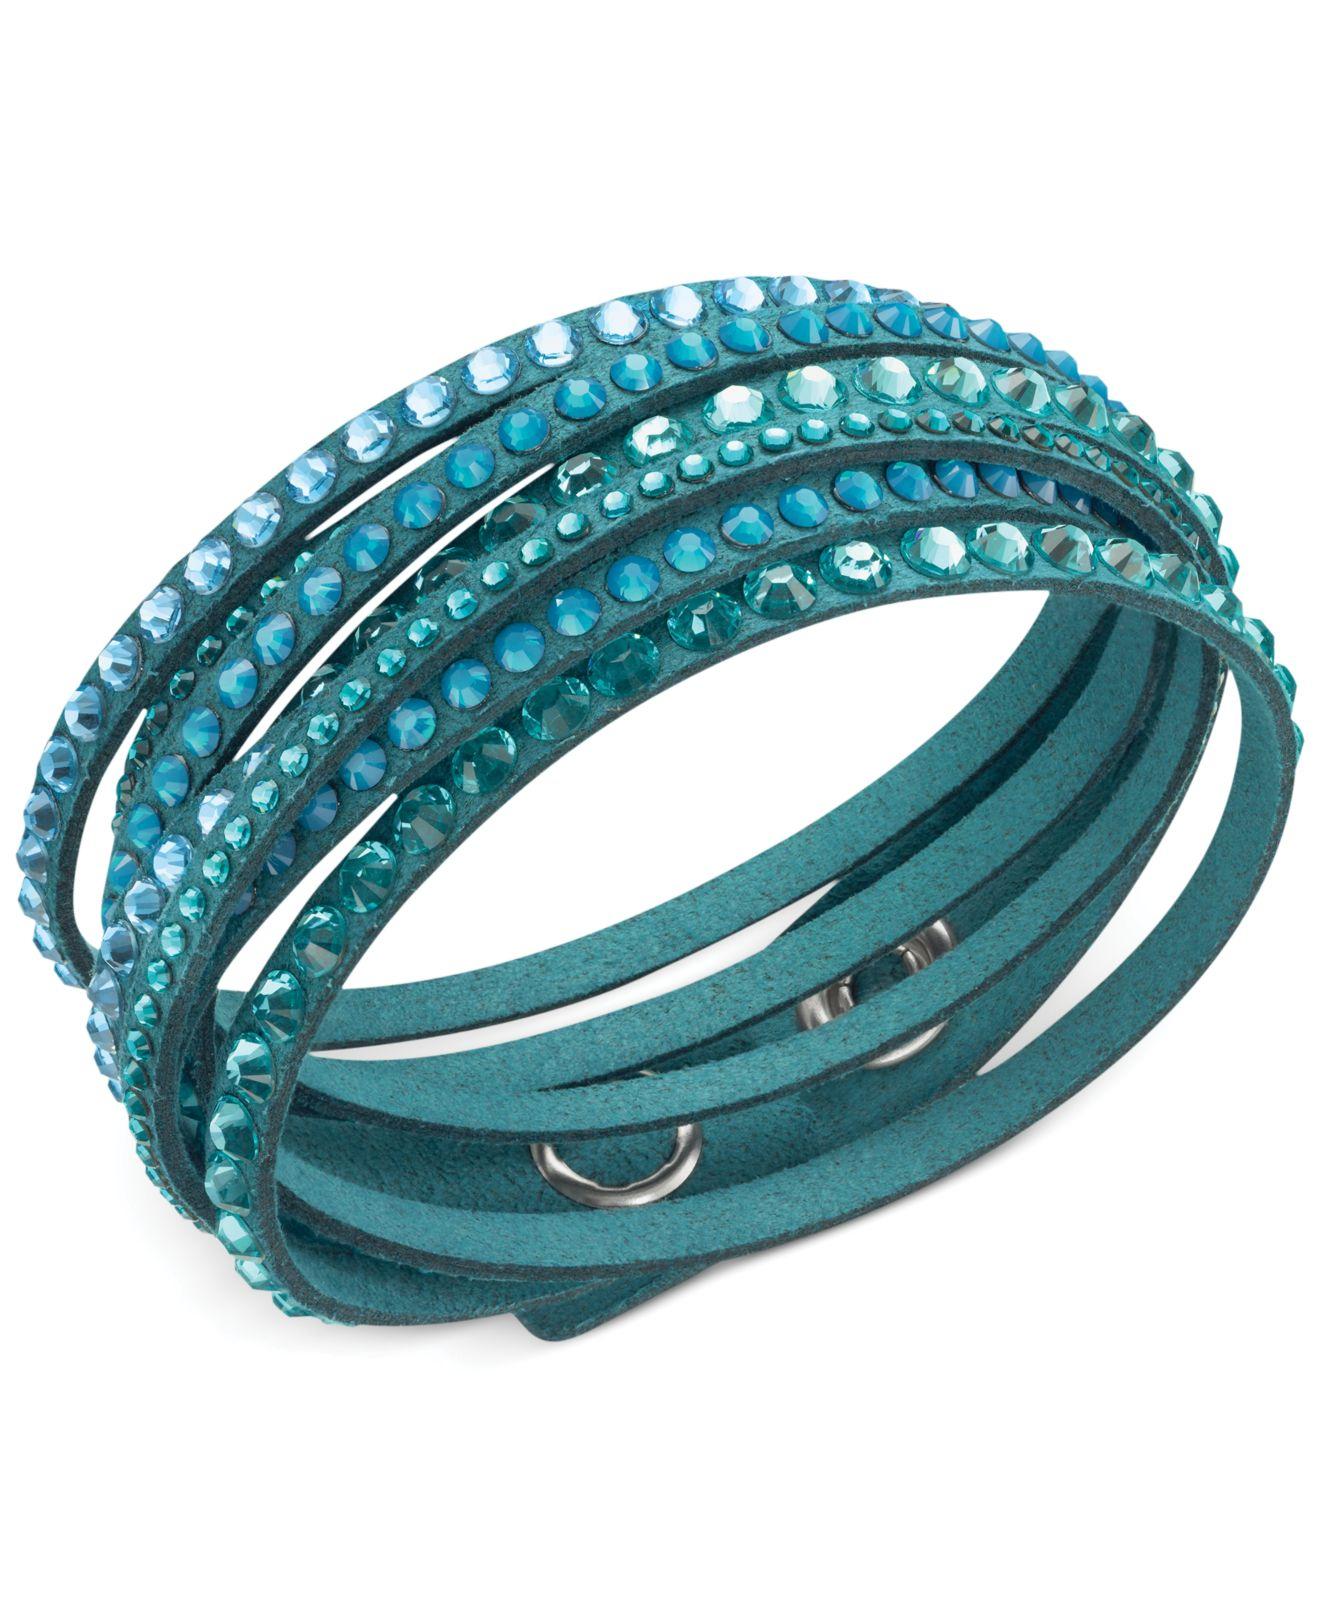 Swarovski Slake Deluxe Crystal Stud Wrap Bracelet In Blue